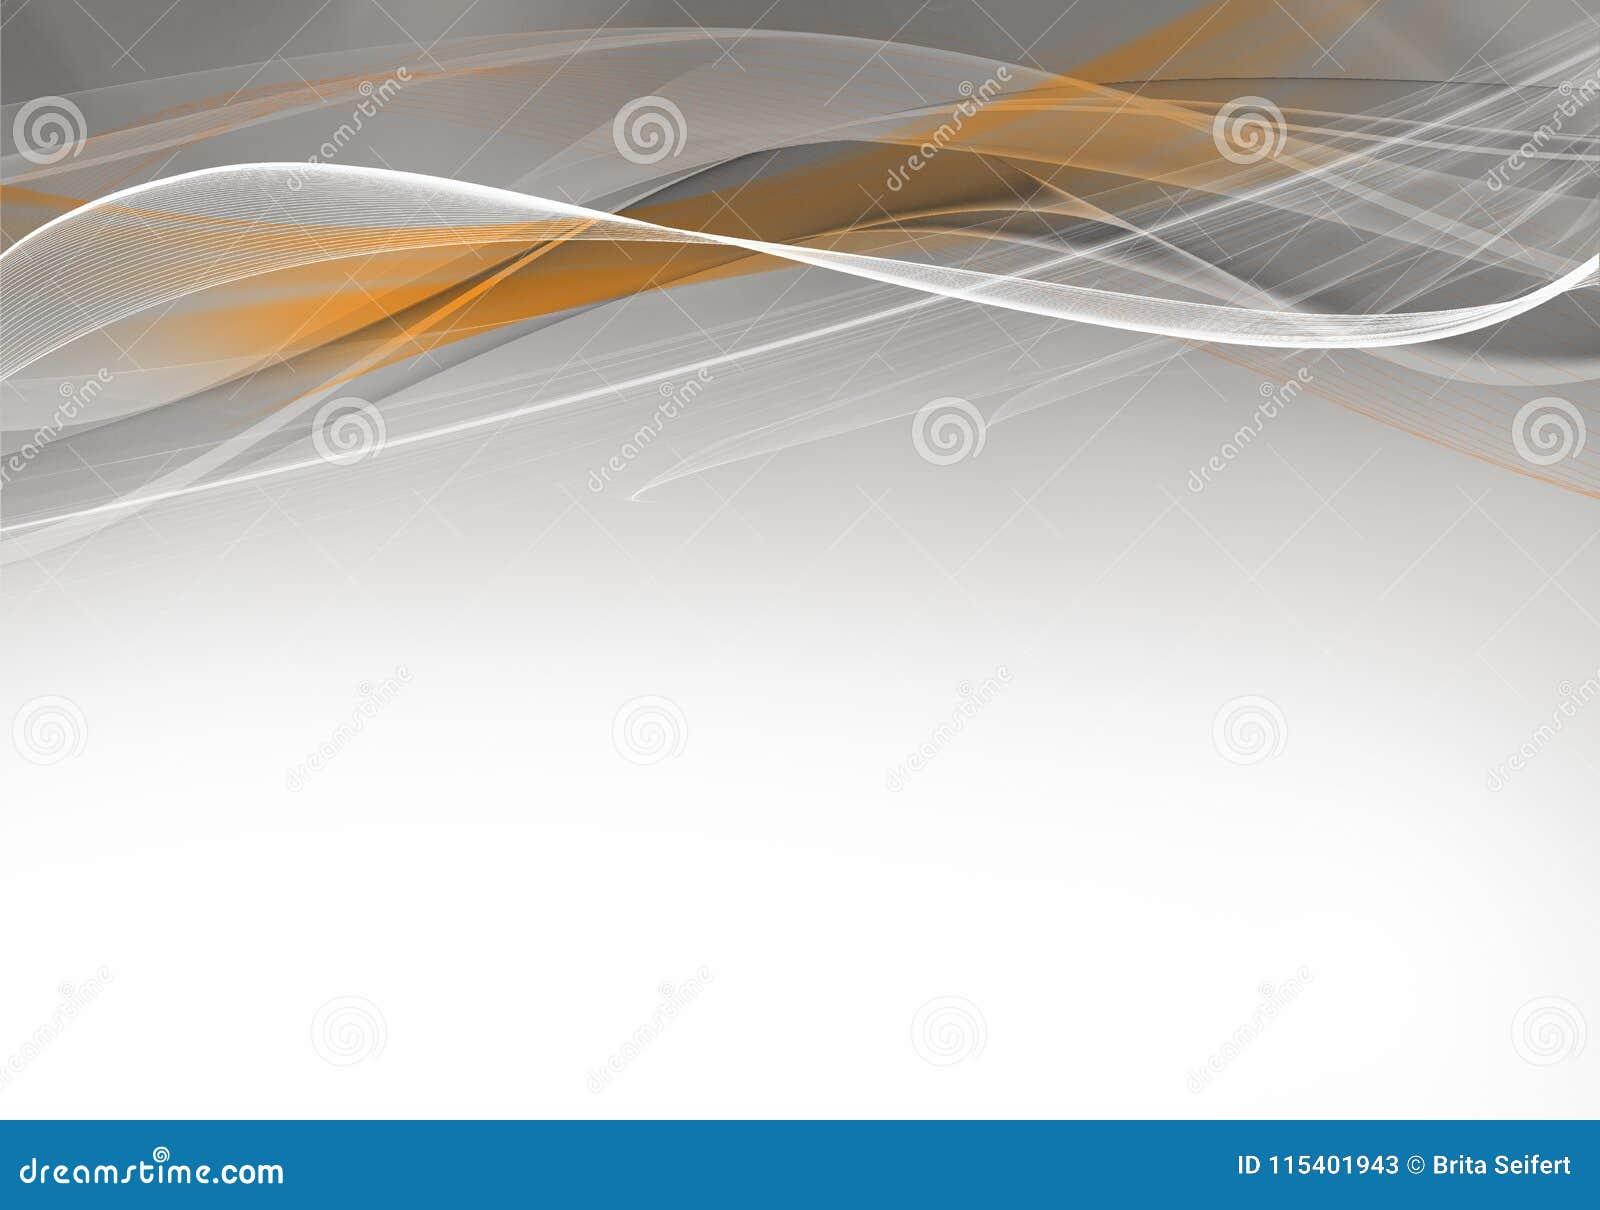 典雅的抽象灰色和橙色背景设计